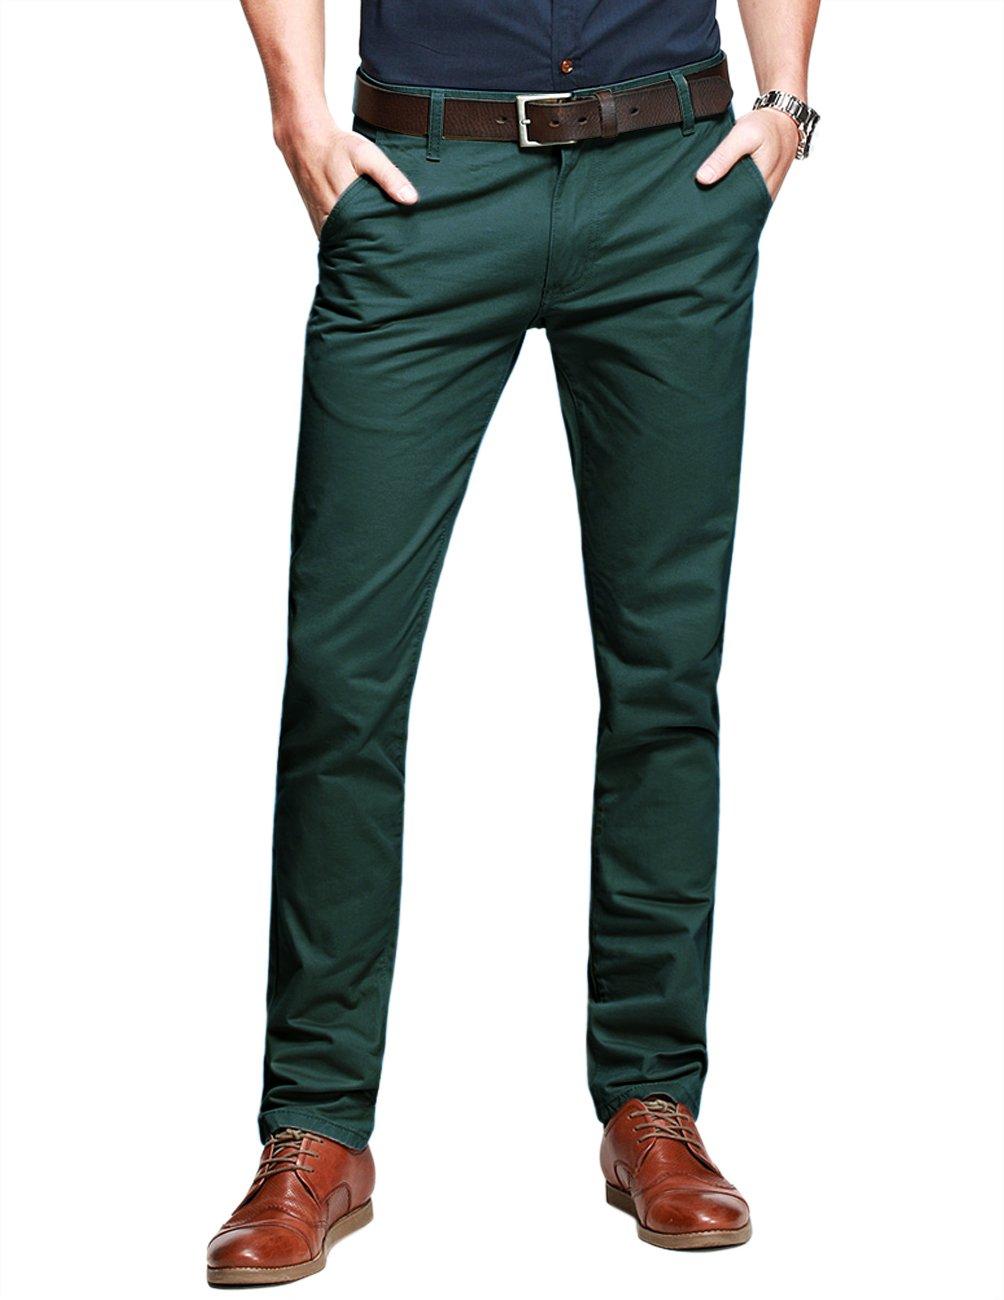 Match Mens Slim-Tapered Flat-Front Casual Pants(32W x 31L,Dark Moss Green)